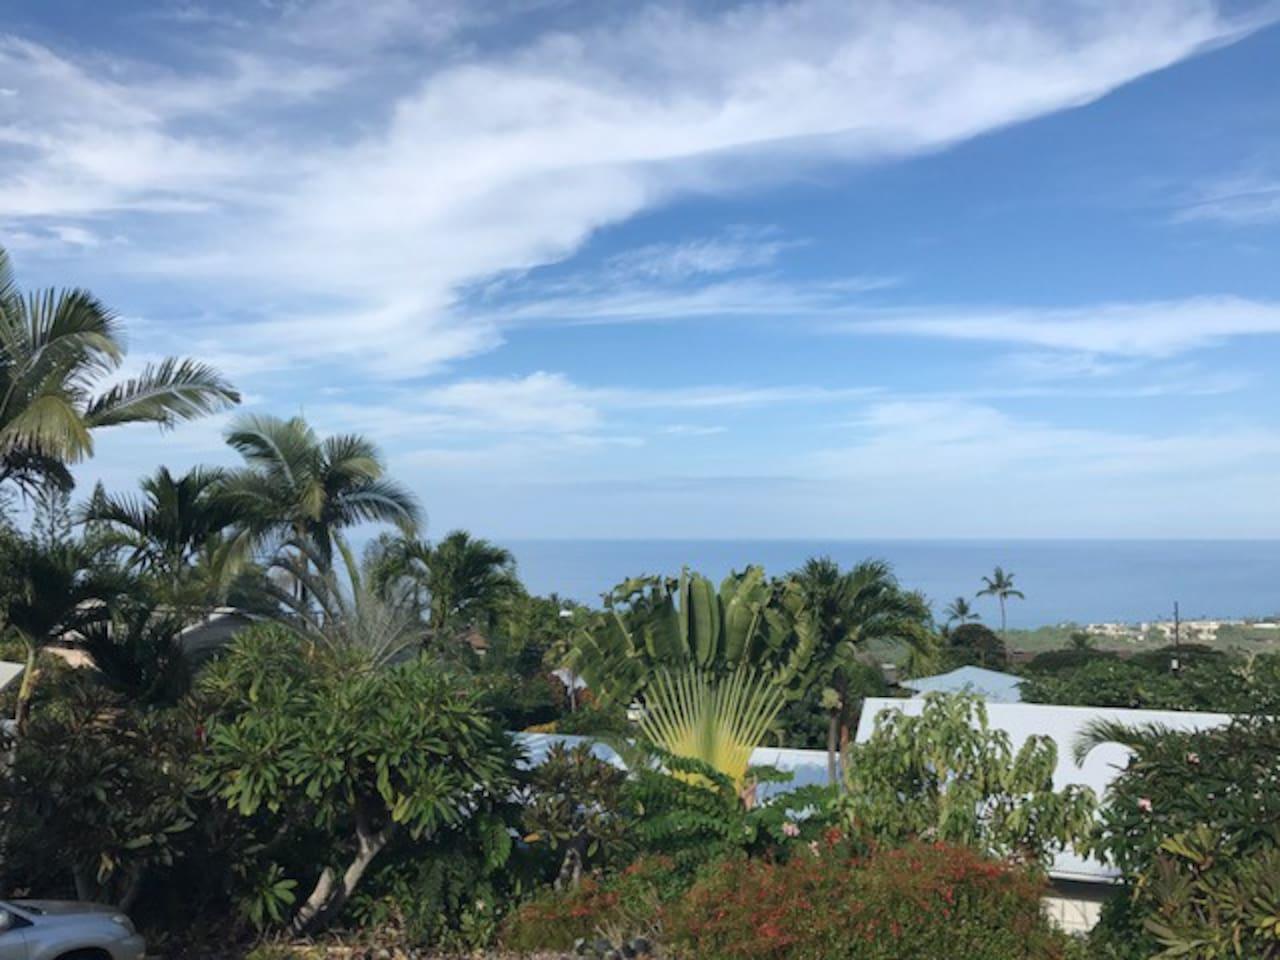 View of horizon